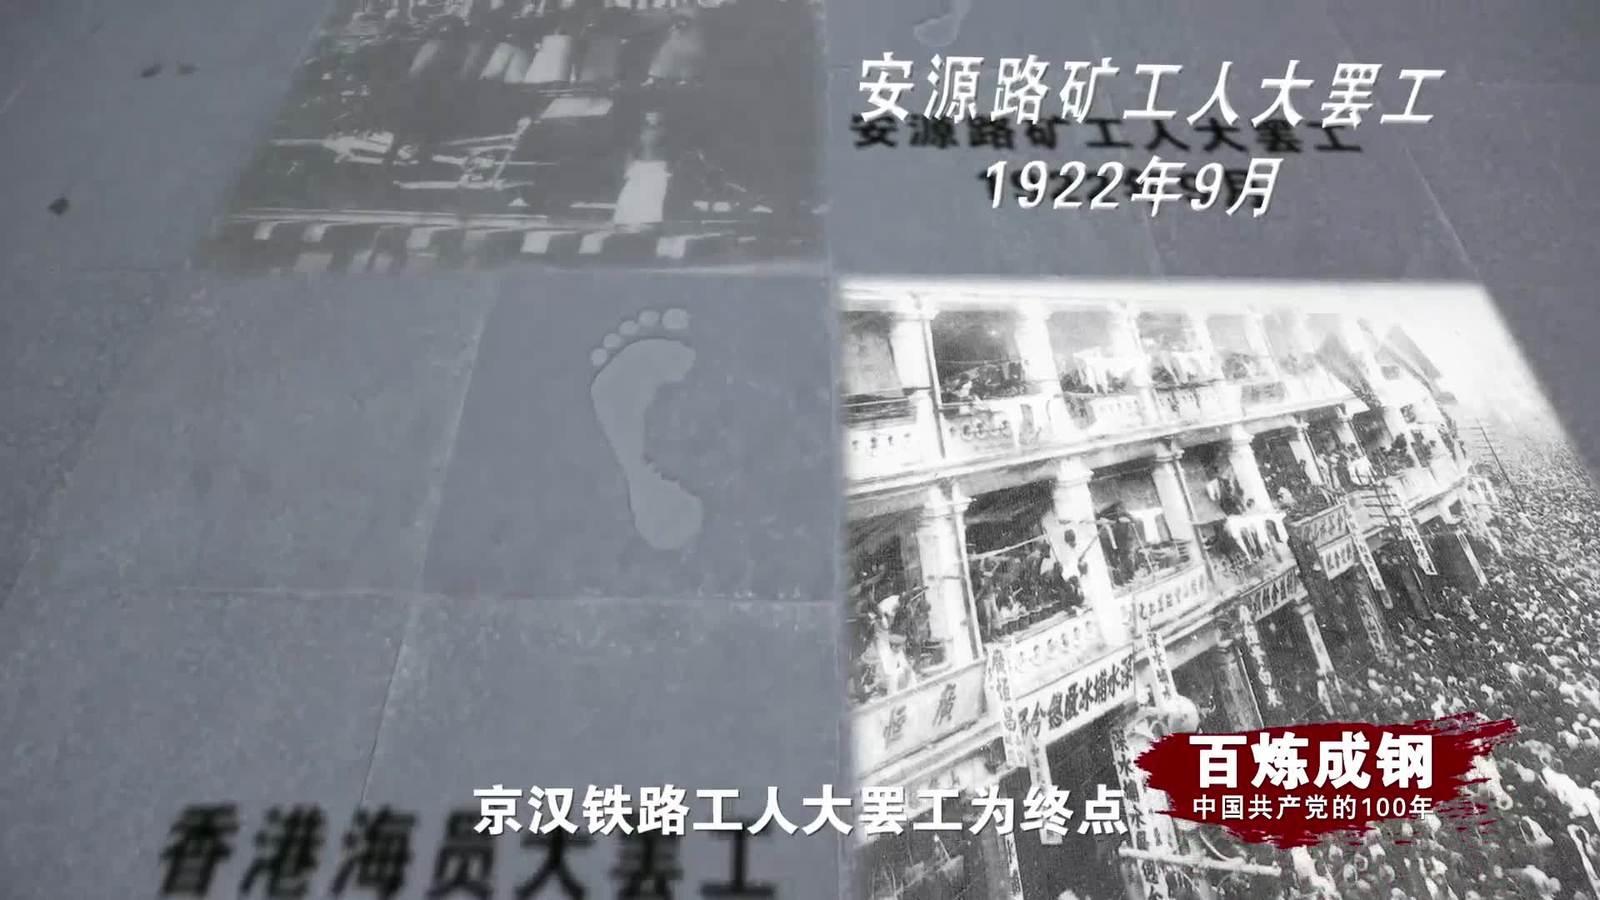 百煉成鋼|中國共產黨的100年 第六集:勞工萬歲